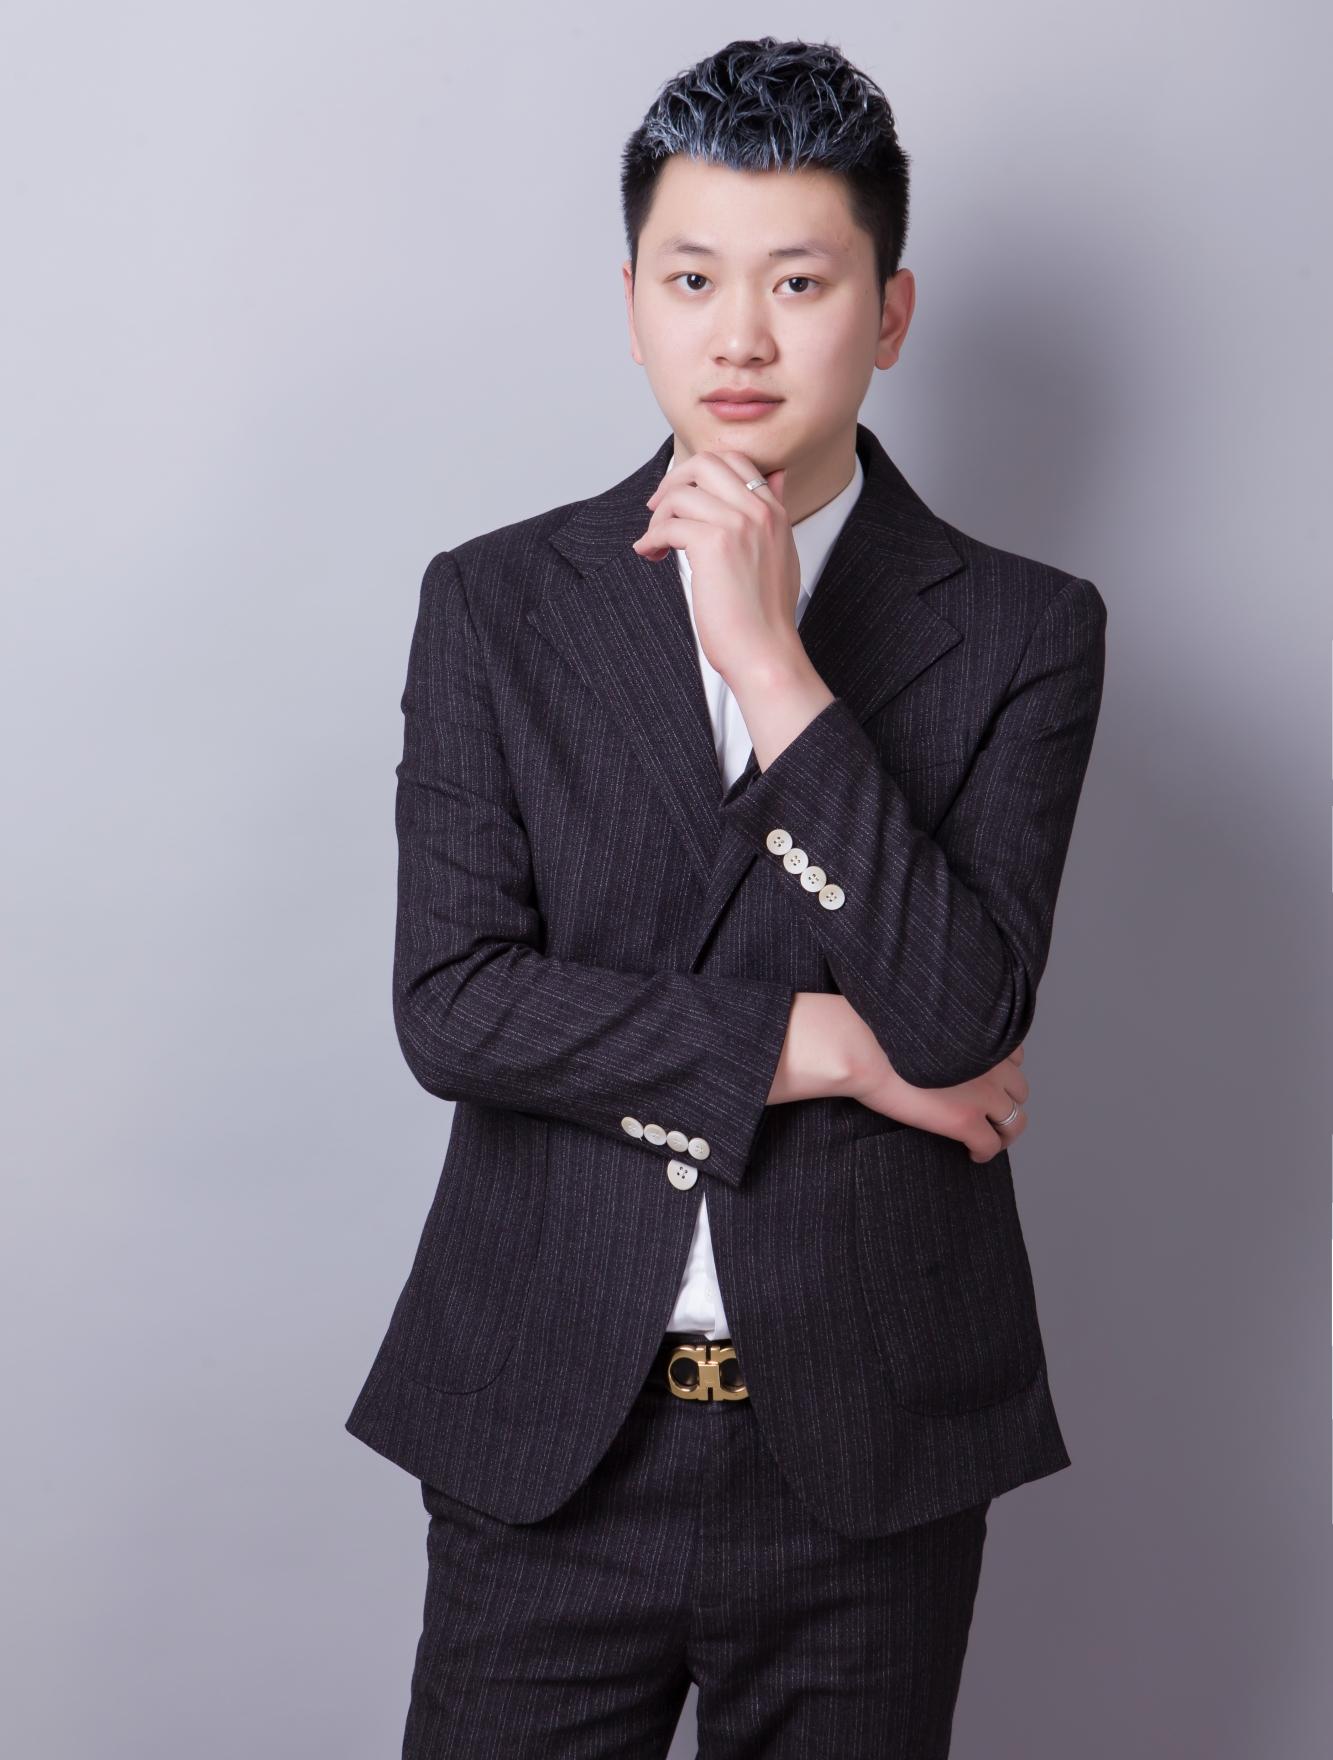 锦华装饰设计师-陈英剑